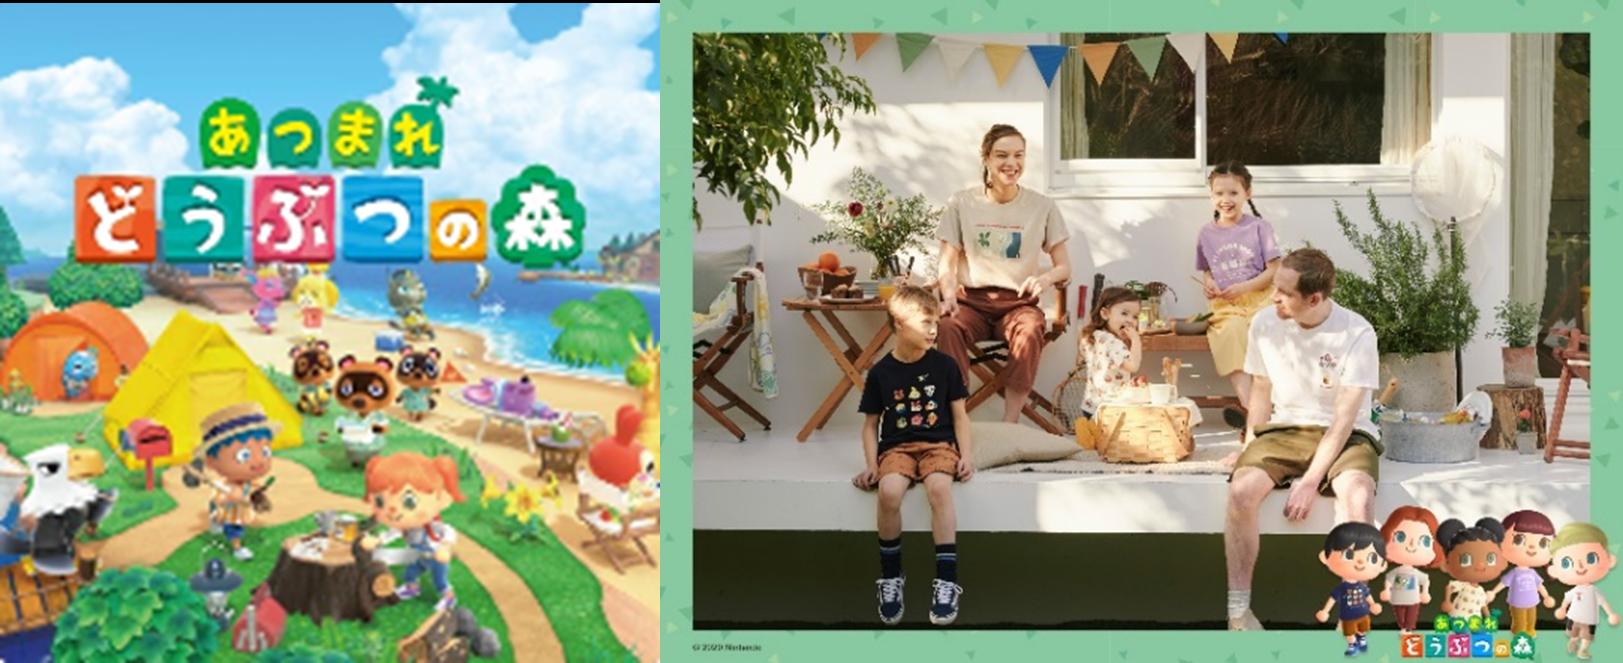 「どうぶつの森」×「UT」キャラやフルーツがデザインされたコレクションアイテムが可愛い!